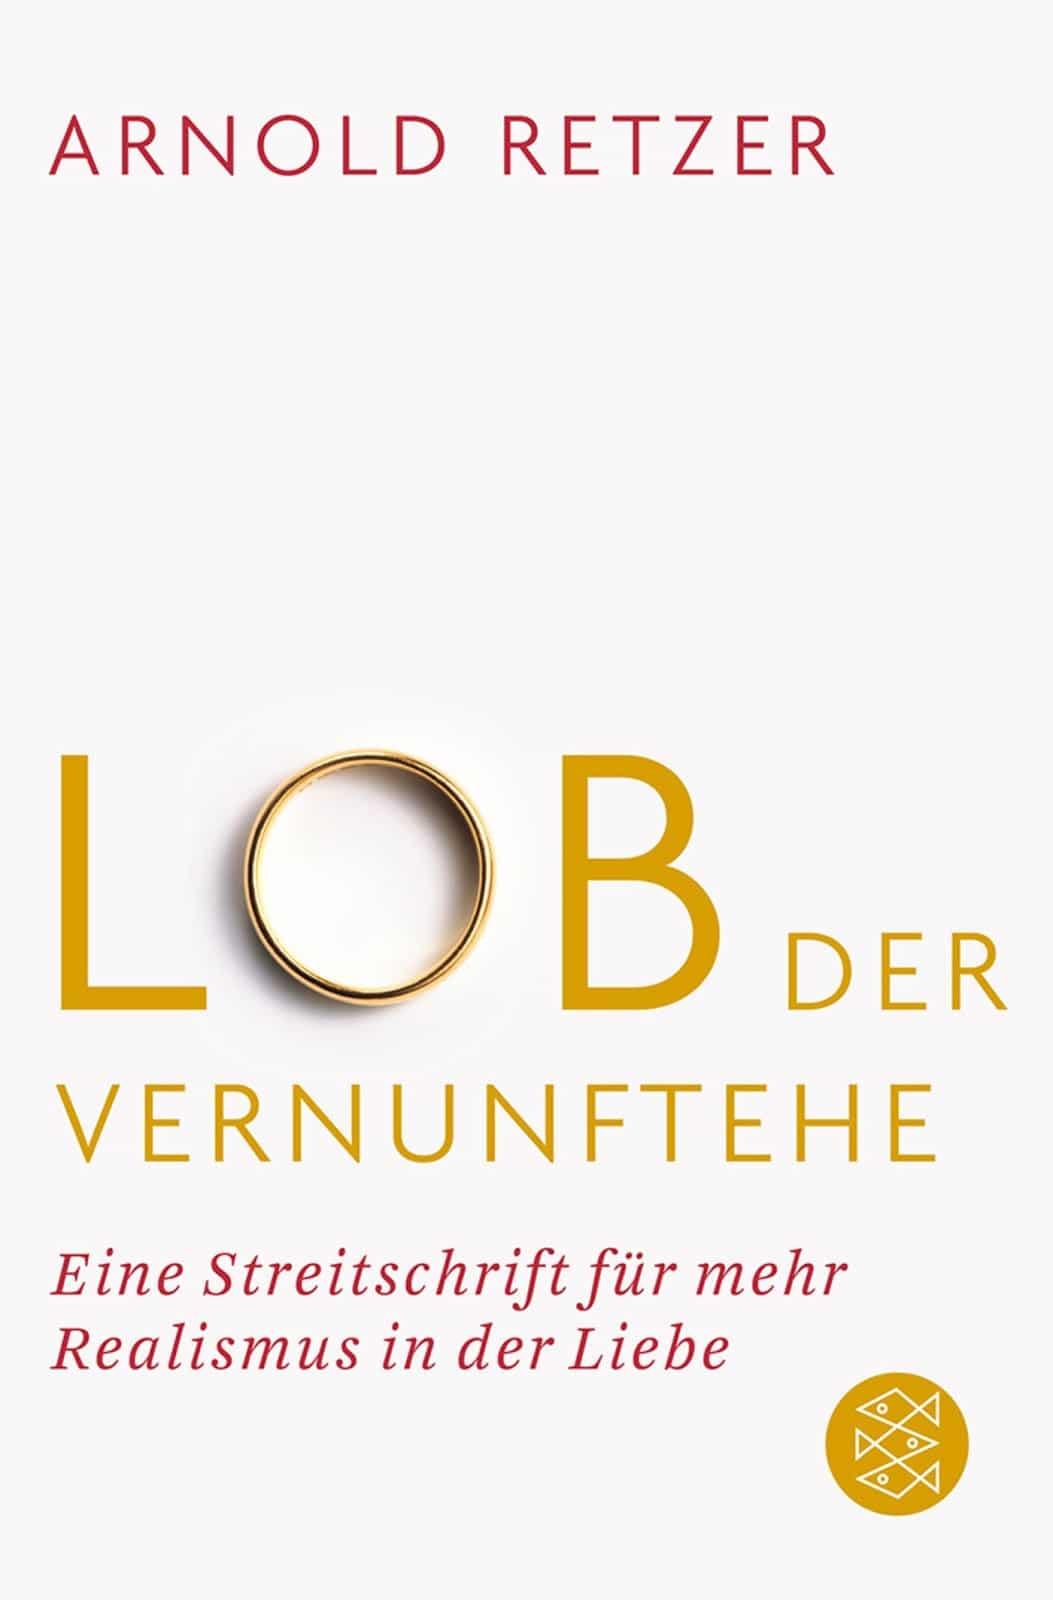 Zitate Liebe Ehe Image collections Die besten zitate Ideen